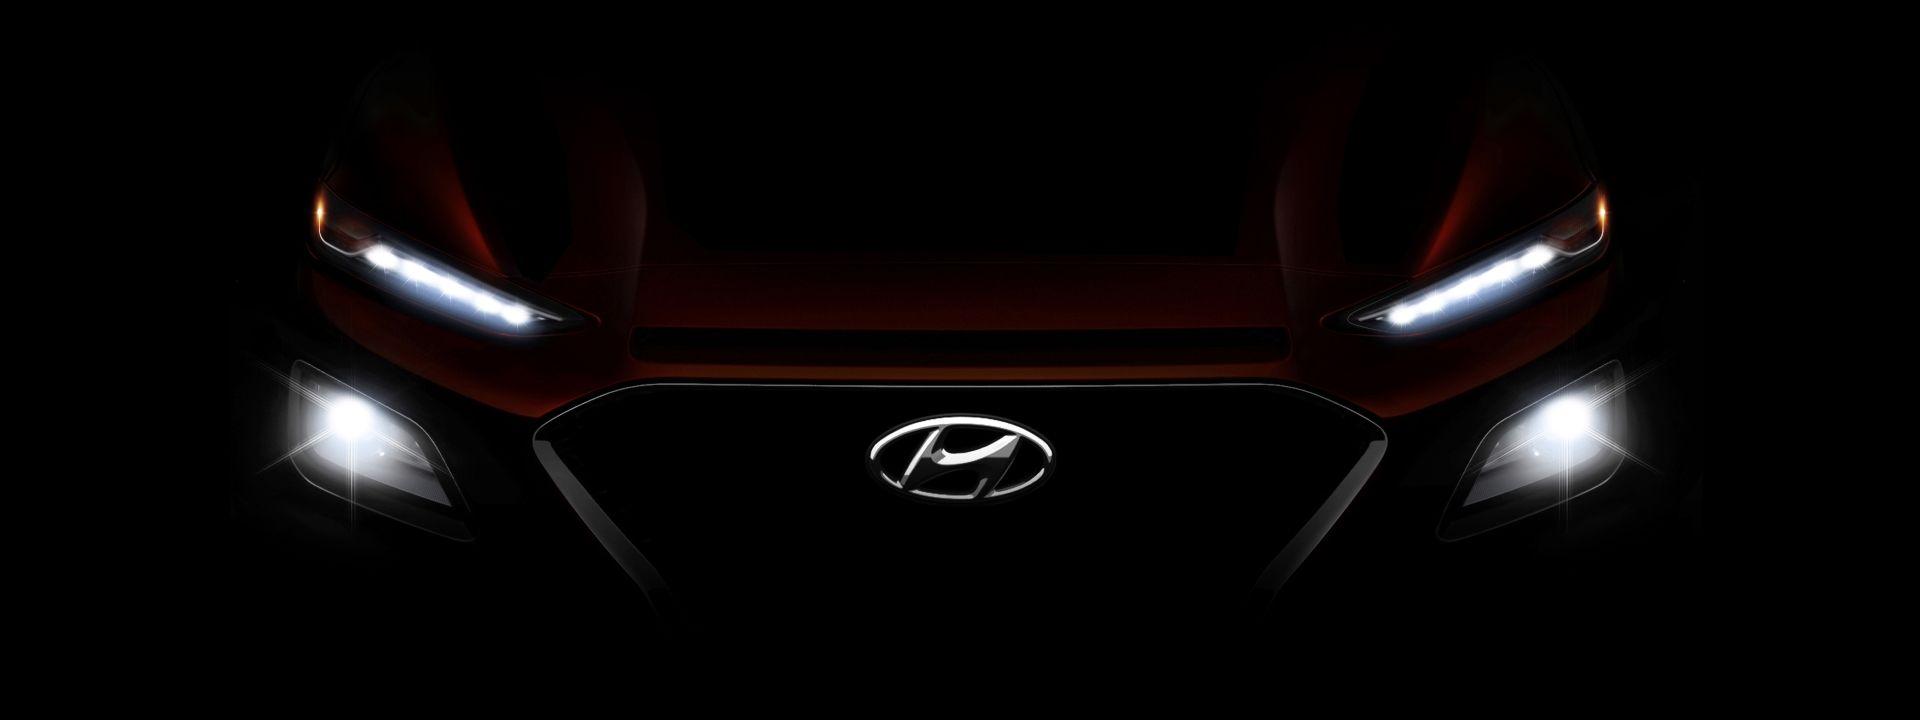 El nuevo Hyundai KONA: elegante y atrevido